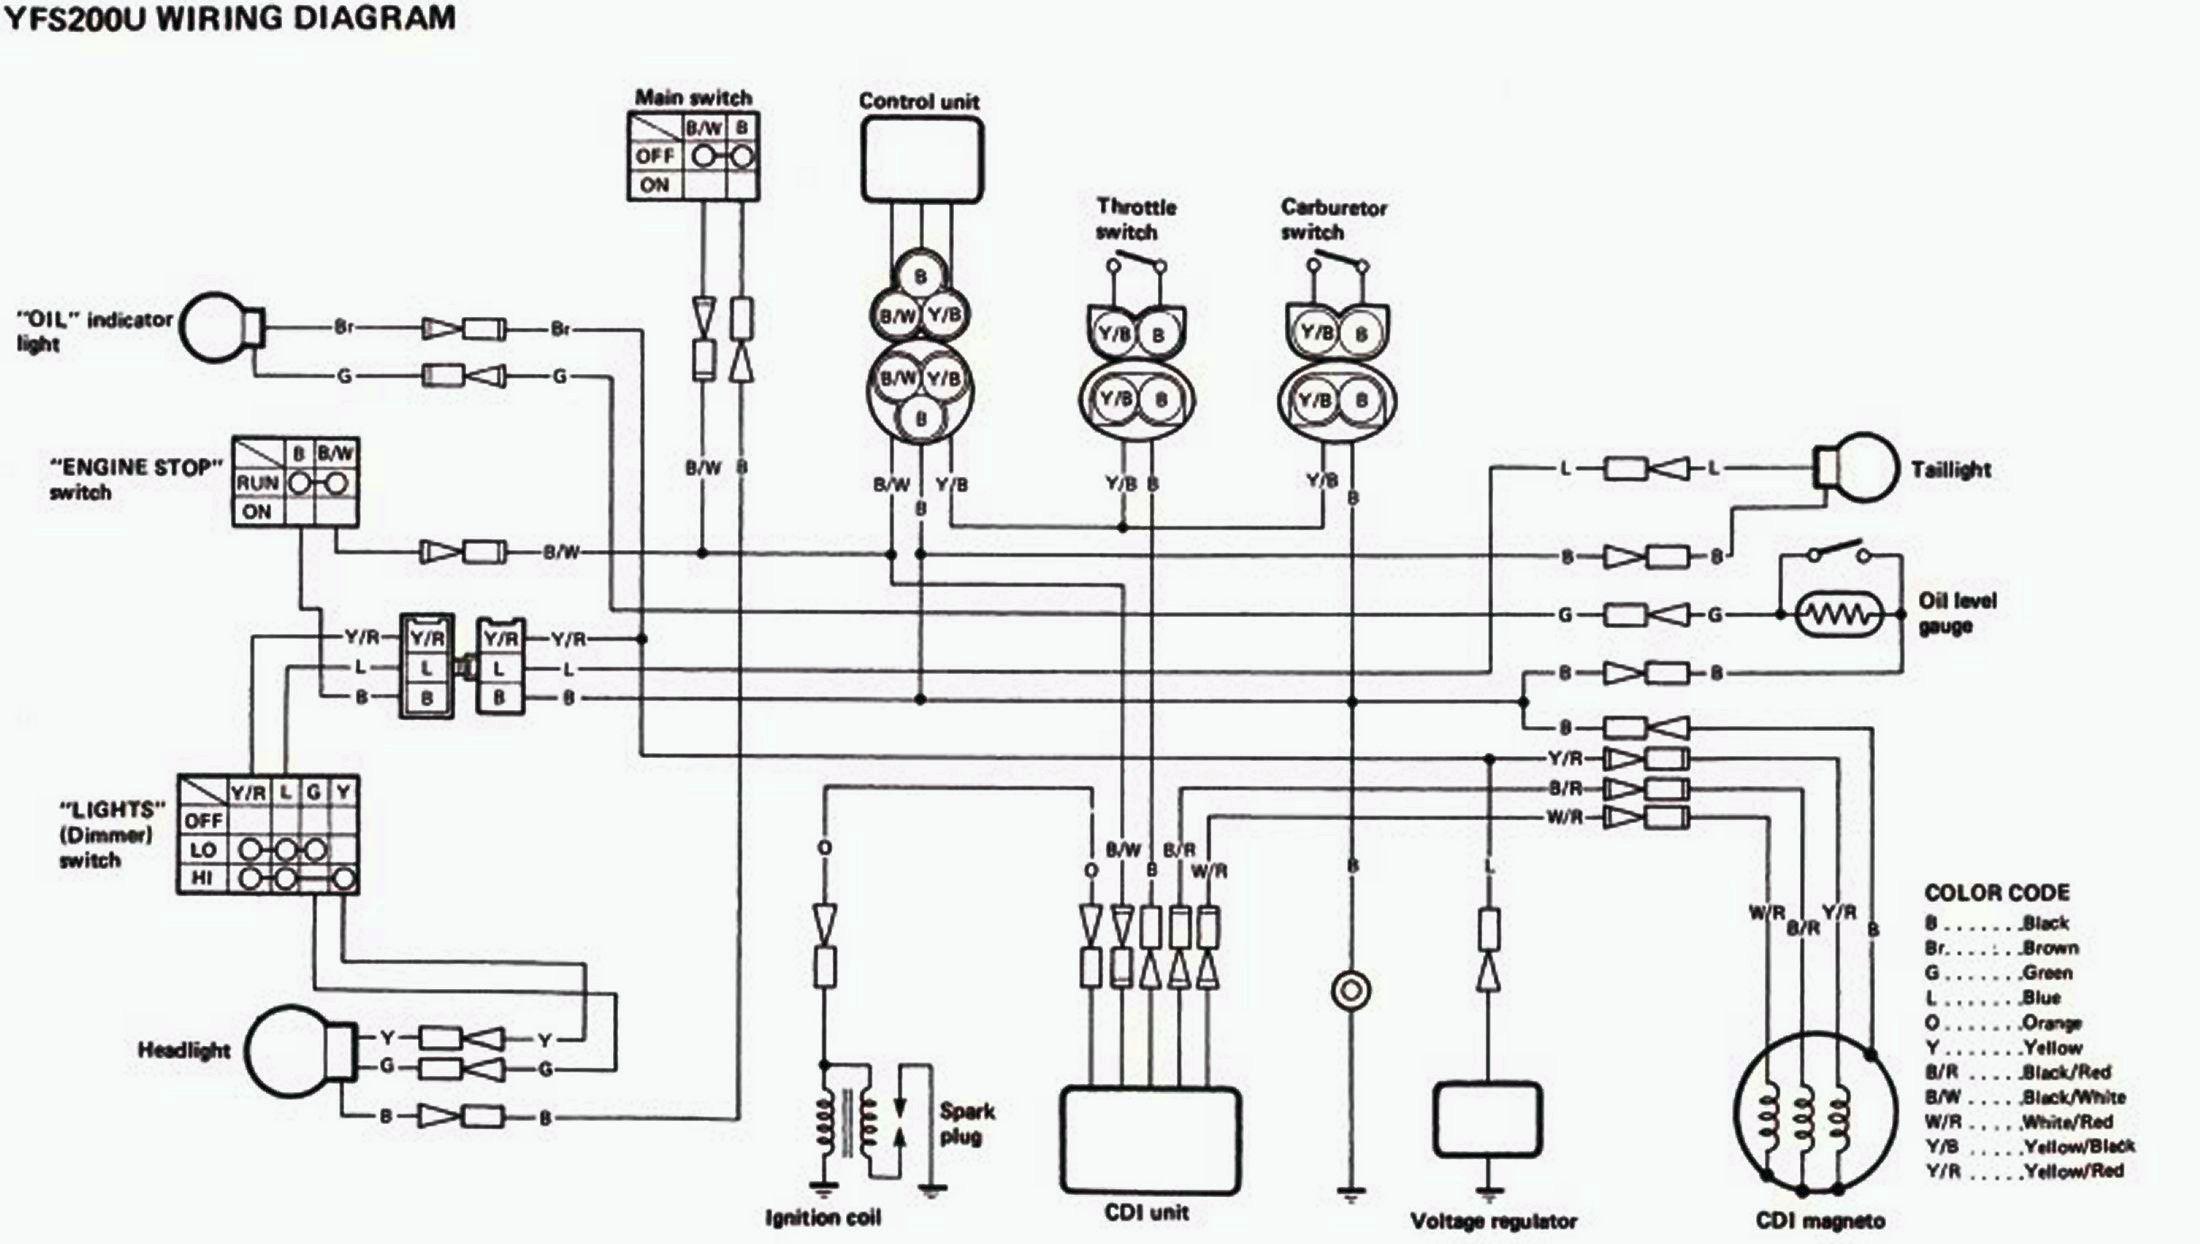 Yf 1889 Free Yamaha Banshee Wiring Diagram Download Diagram